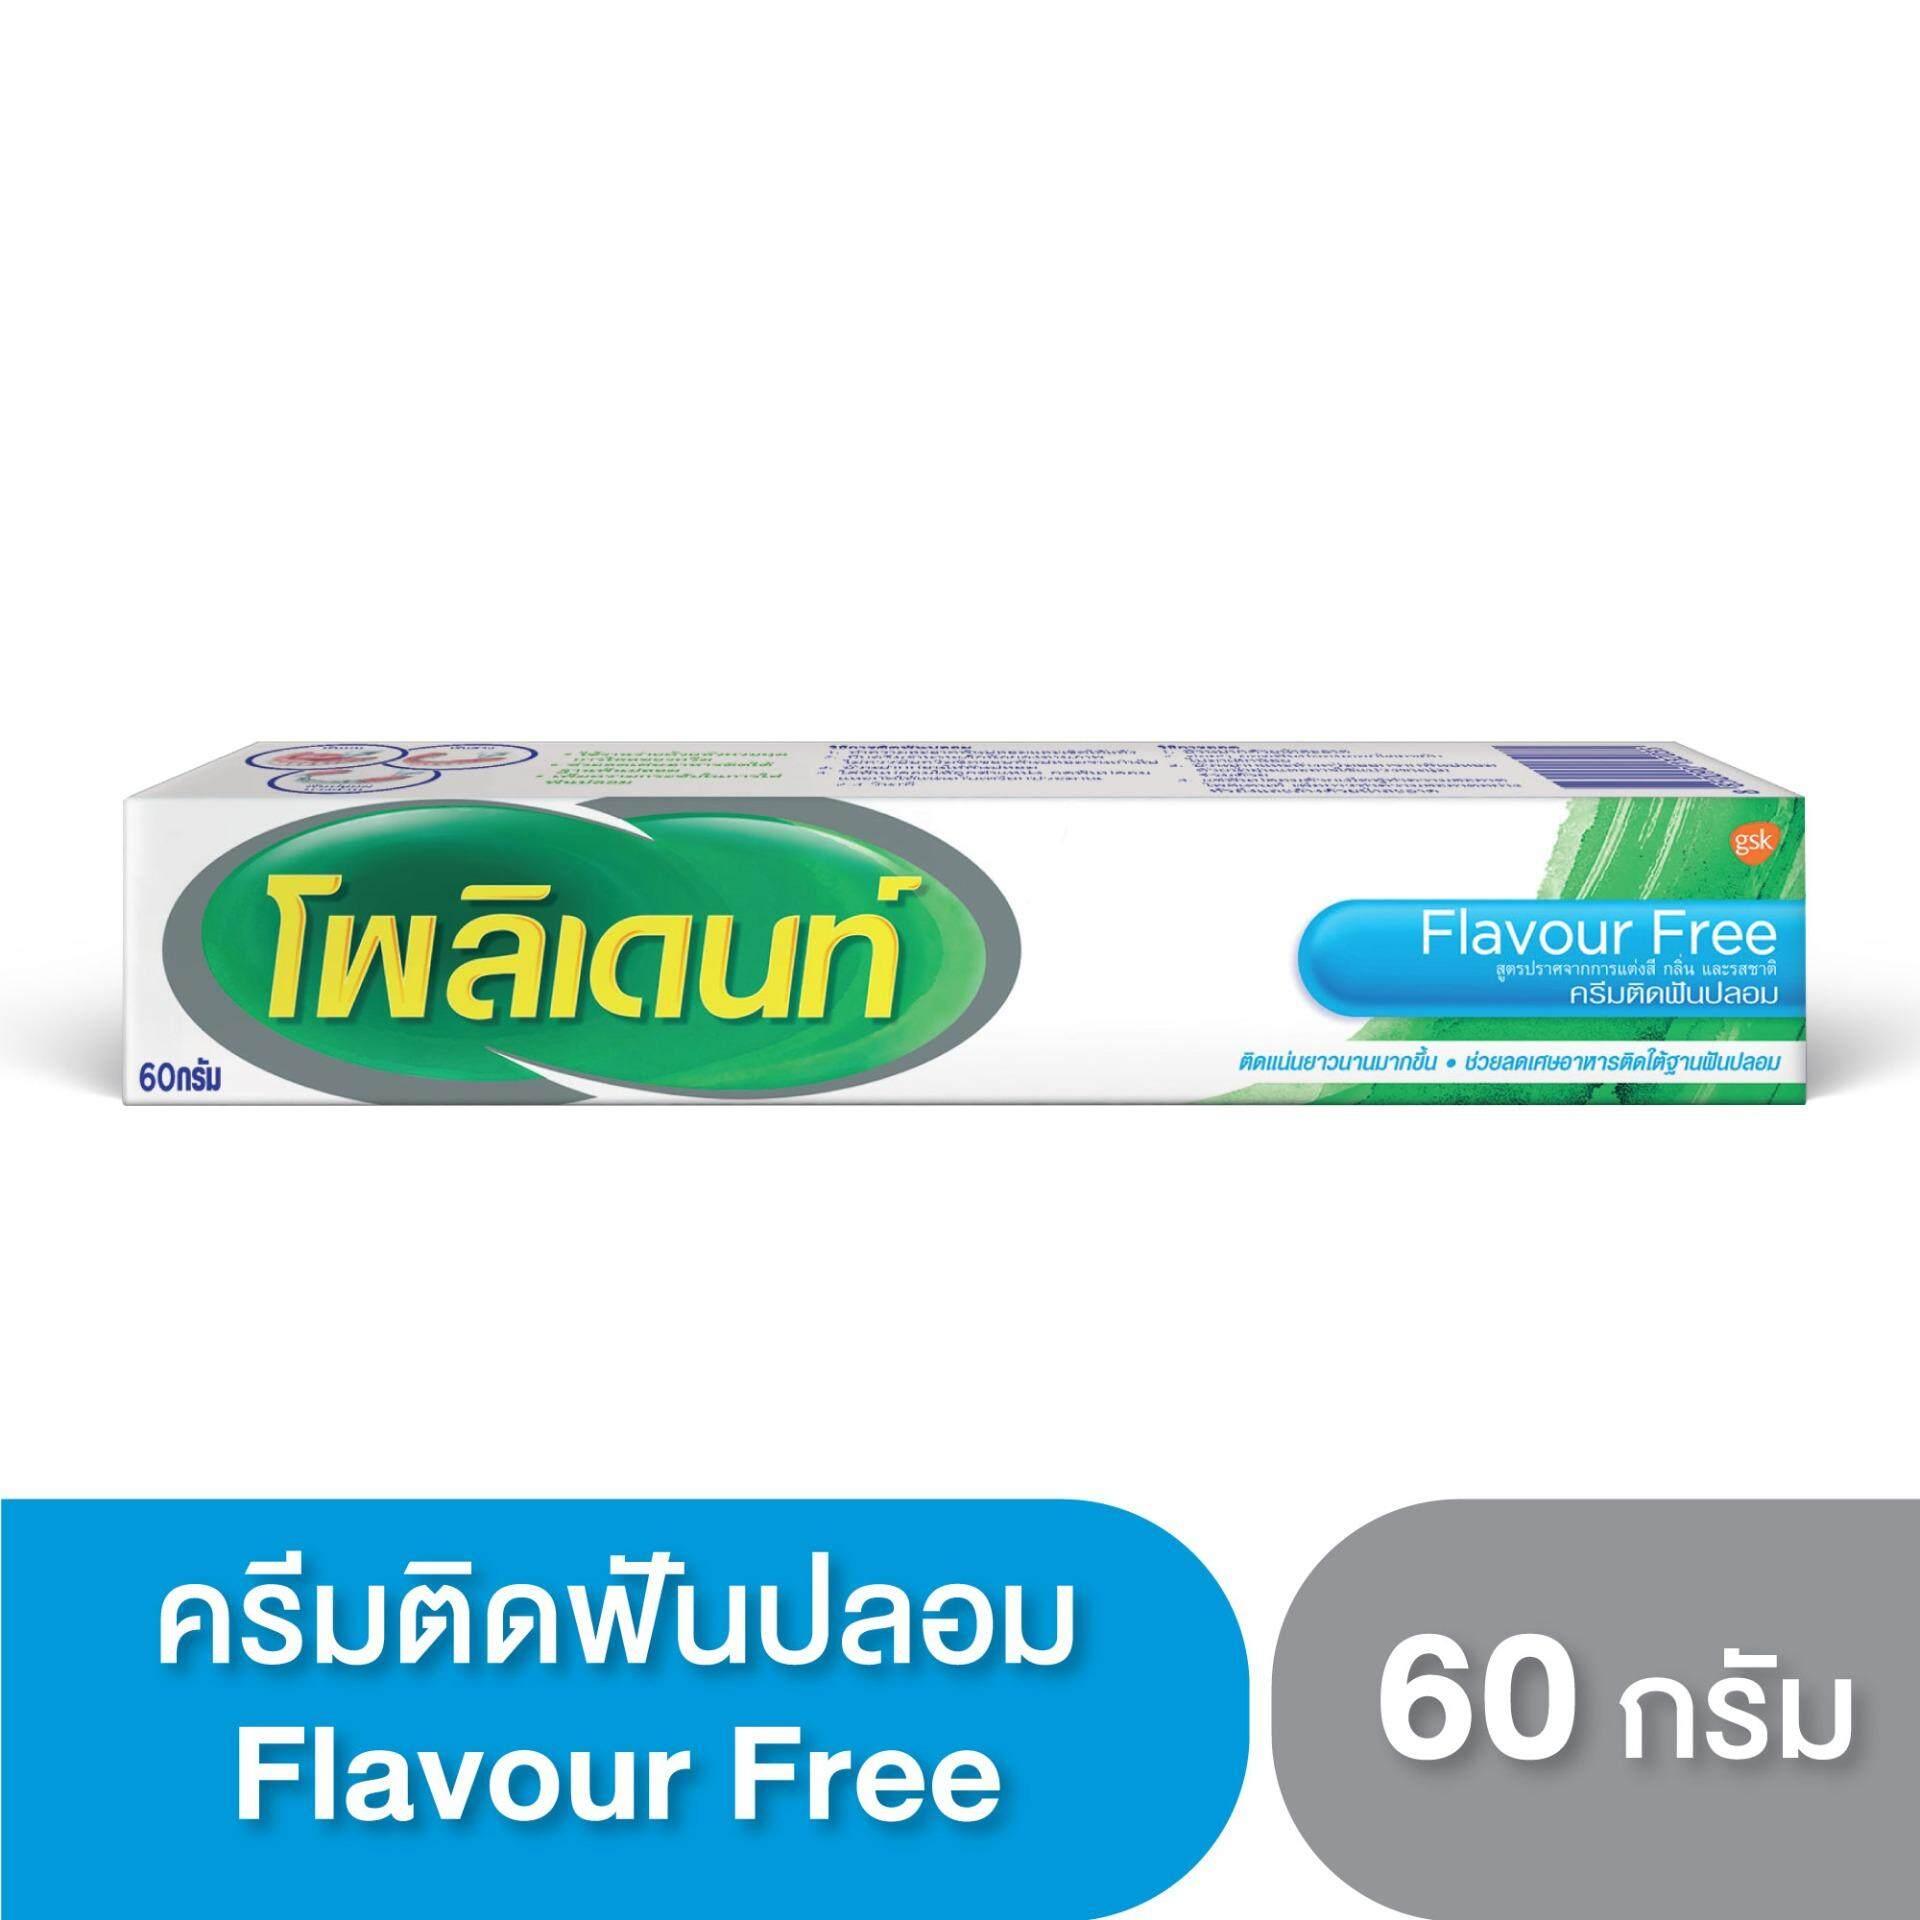 โพลิเดนท์ ครีมติดฟันปลอม สูตรปราศจากการแต่งสี กลิ่น และรสชาติ ขนาด 60 กรัม By Gsk Oral Healthcare.